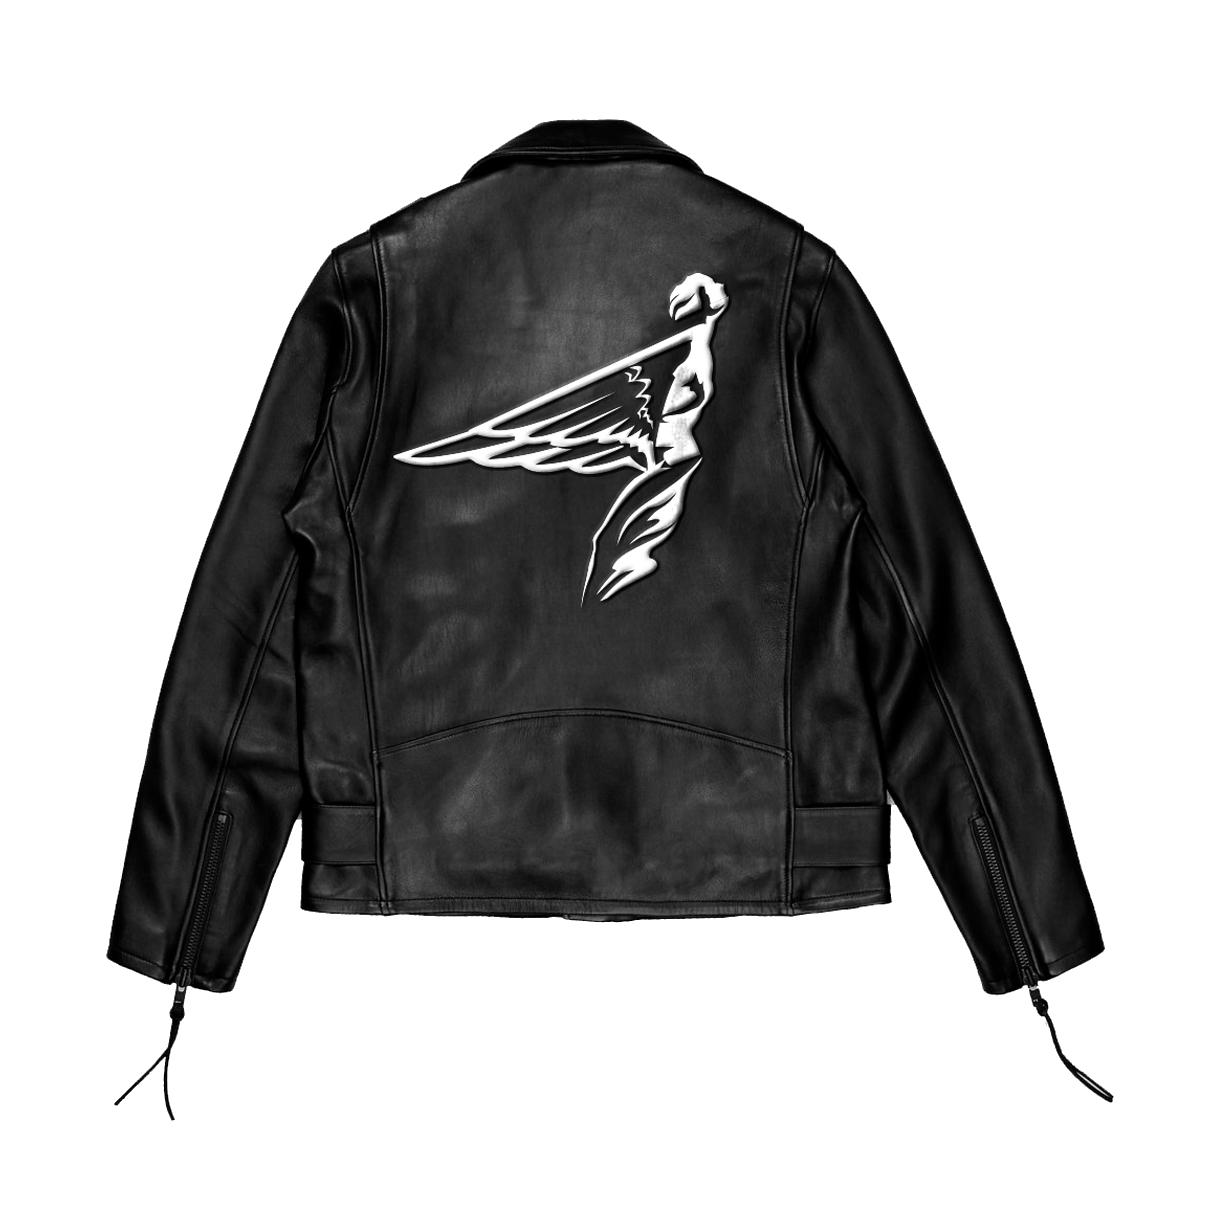 frontrvnners leather jacket back